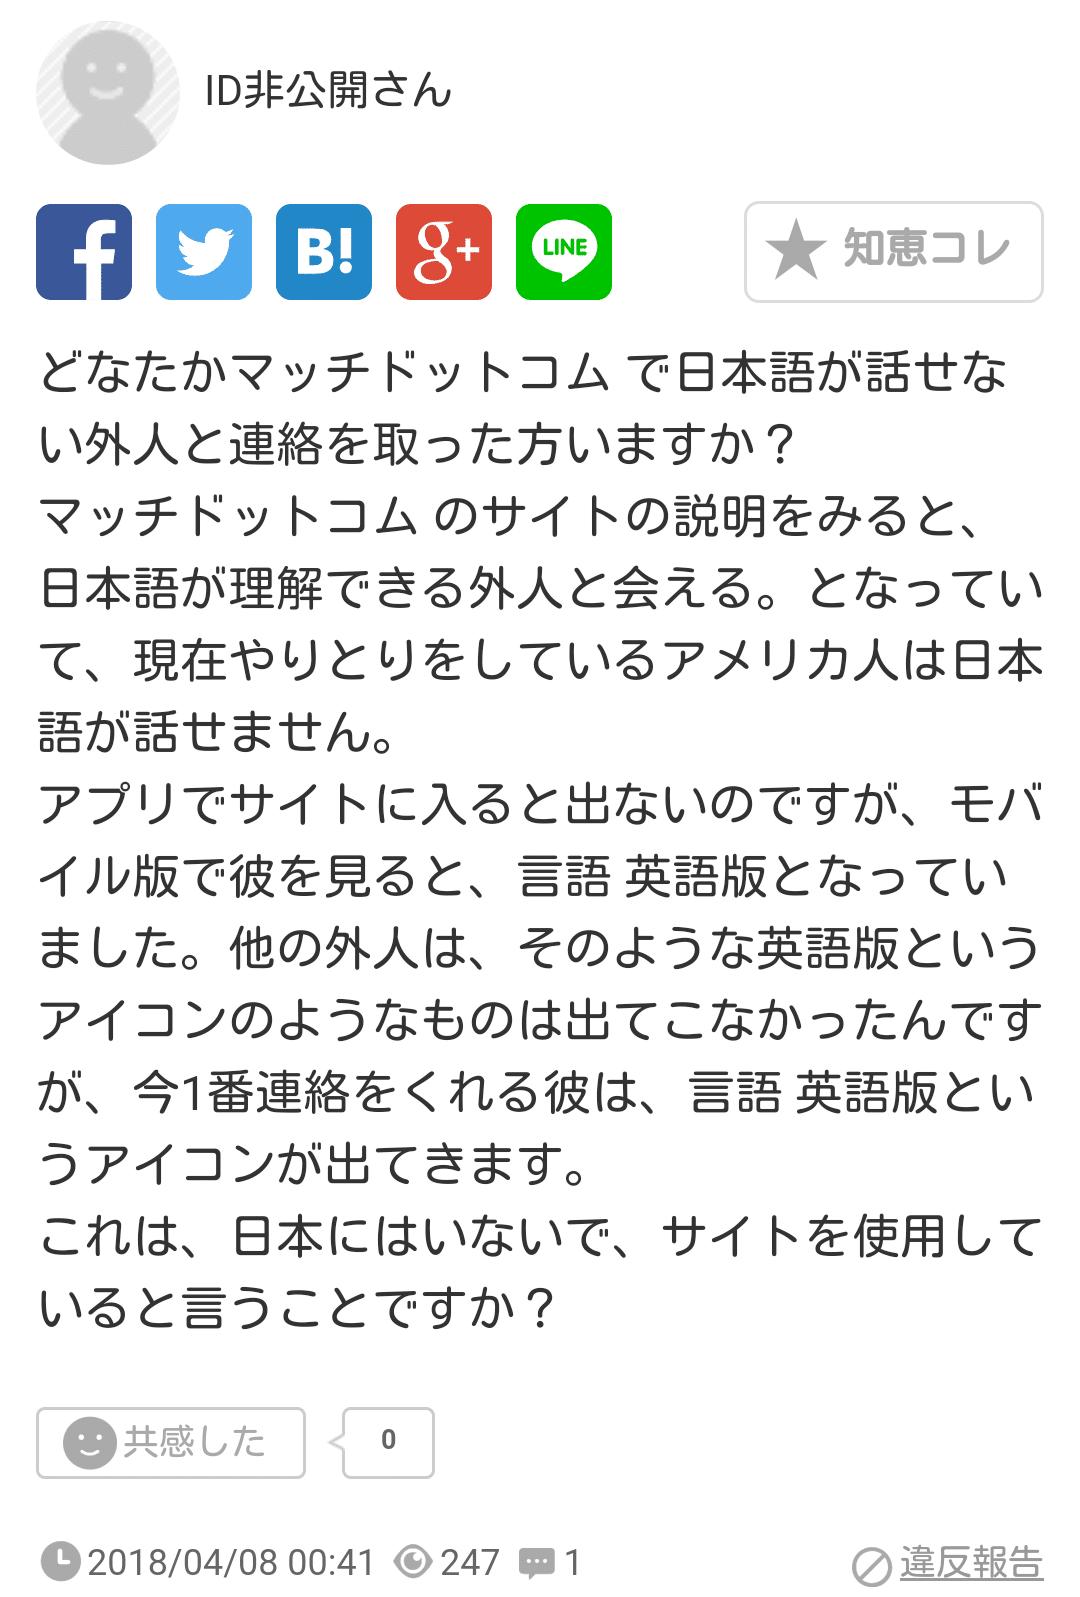 どなたかマッチドットコム で日本語が話せない外人と連絡を取った方いますか?マッチドットコム のサイトの説明をみると、日本語が理解できる外人と会える。となっていて、現在やりとりをしているアメリカ人は日本語が話せません。アプリでサイトに入ると出ないのですが、モバイル版で彼を見ると、言語 英語版となっていました。他の外人は、そのような英語版というアイコンのようなものは出てこなかったんですが、今1番連絡をくれる彼は、言語 英語版というアイコンが出てきます。これは、日本にはいないで、サイトを使用していると言うことですか?